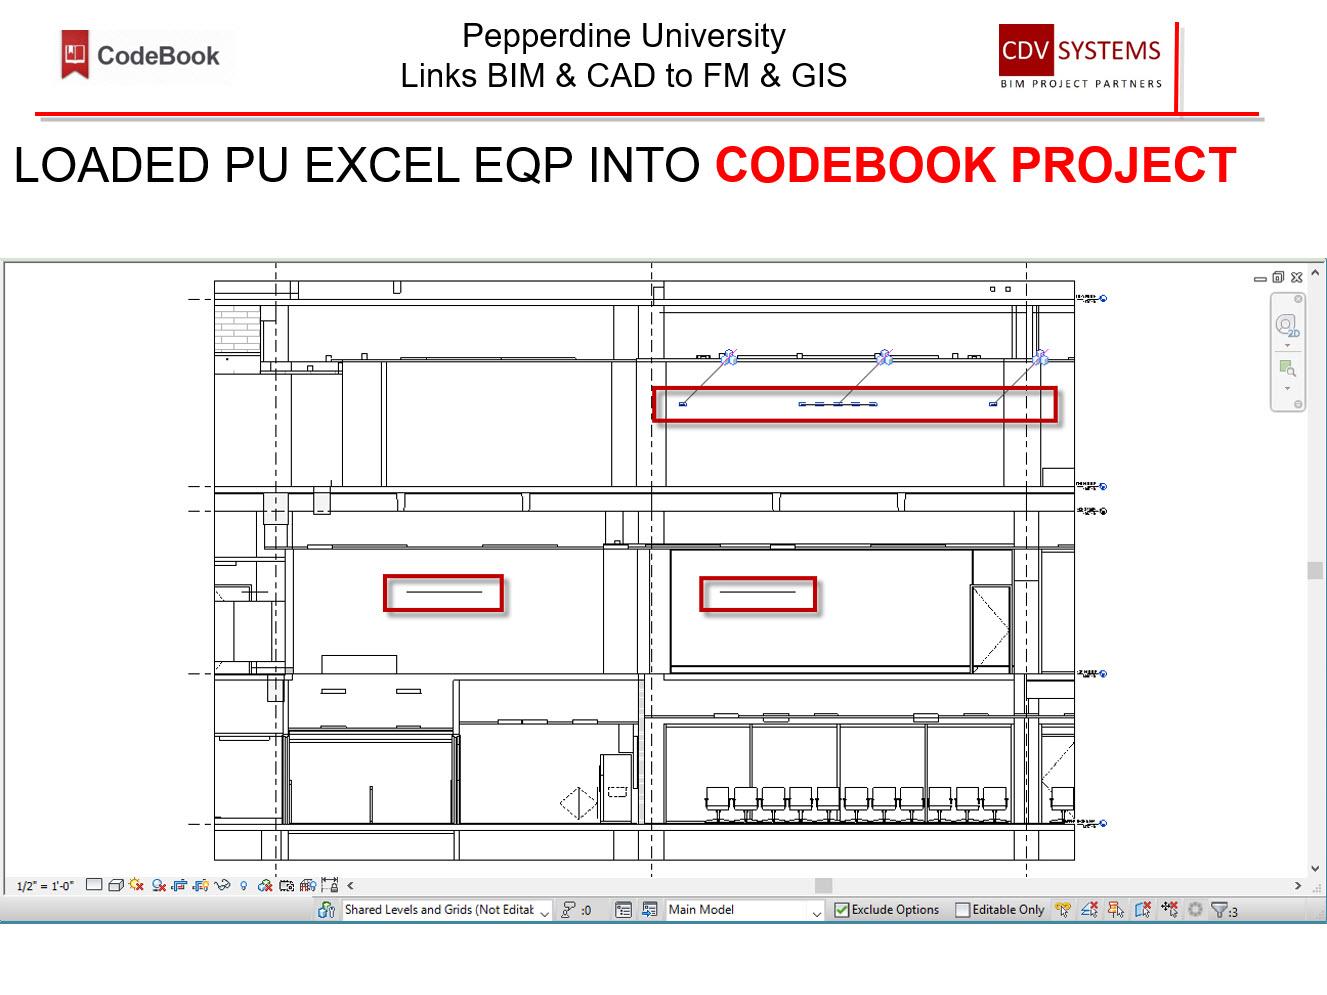 PROJECT CODEBOOK_13j48.jpg